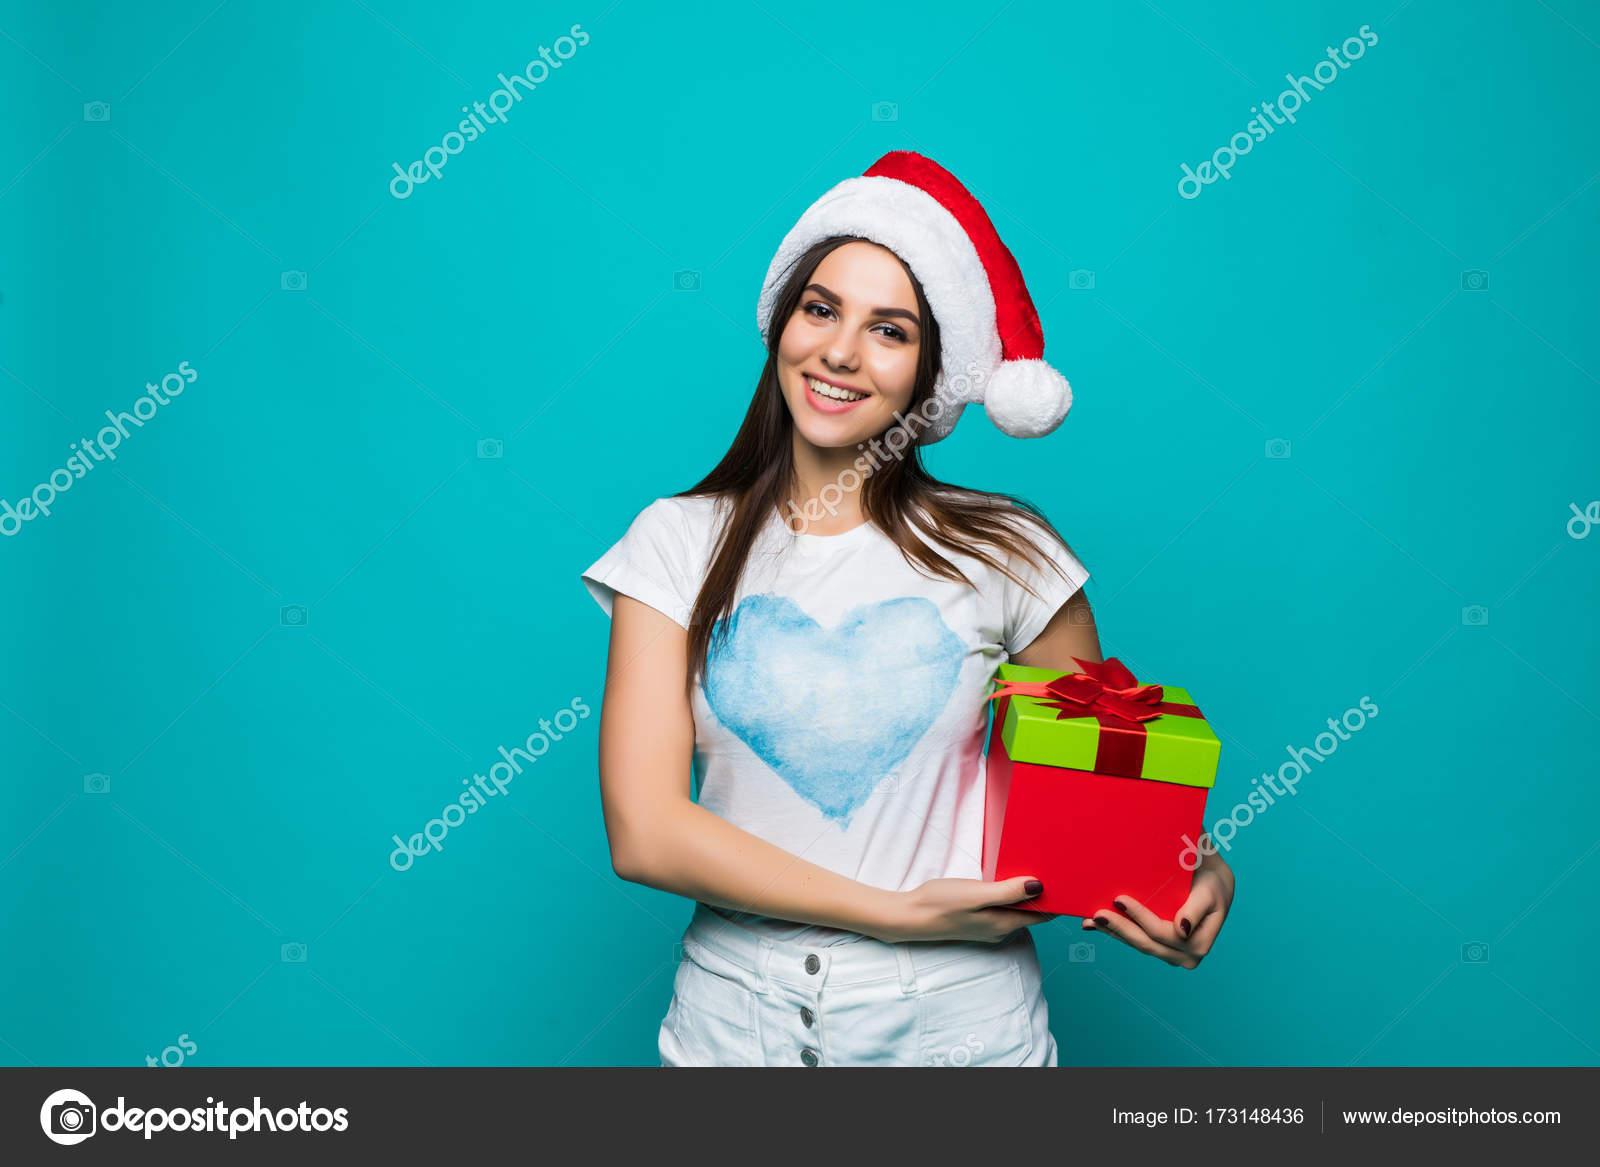 Geschenke Weihnachten Frau.Weihnachten Frau Mit Geschenk Box Schöne Brünette Mädchen In